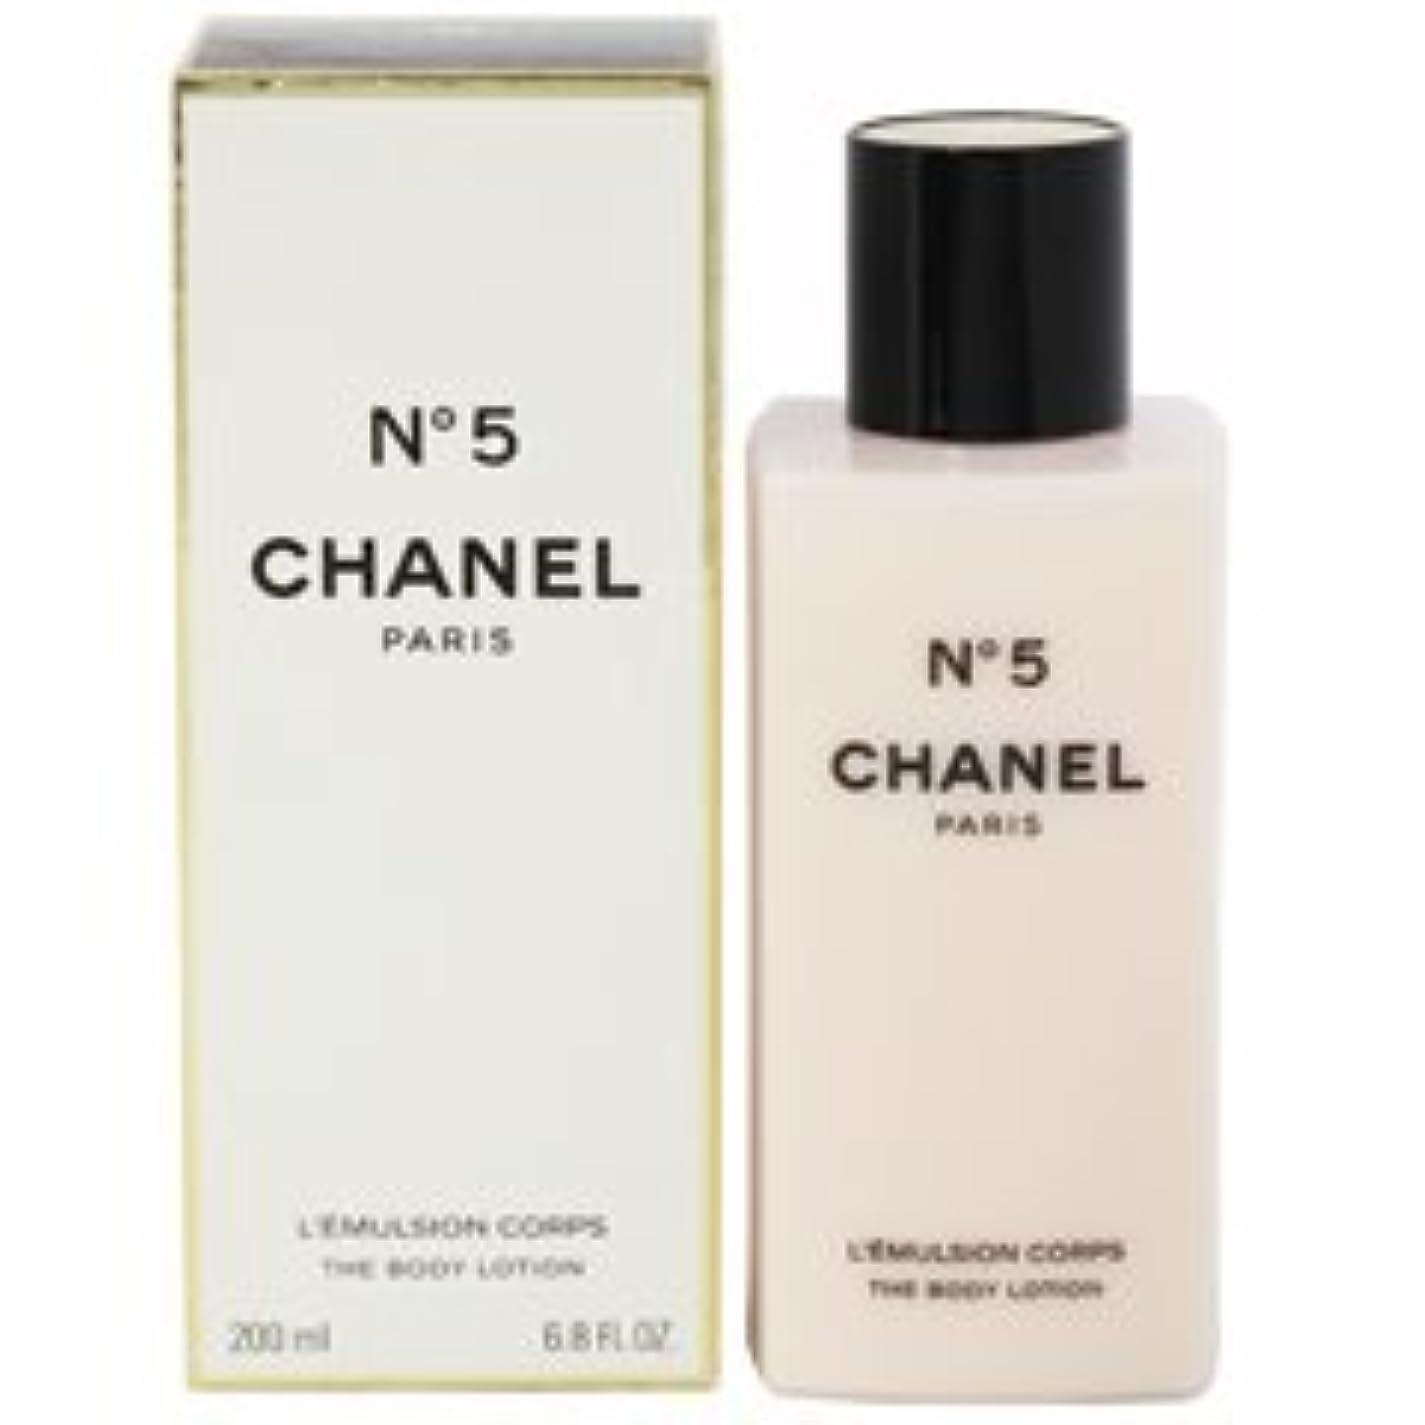 決定する重要性島Chanel No. 5 (シャネル No. 5 ) 6.8 oz (200ml) Body Lotion for Women